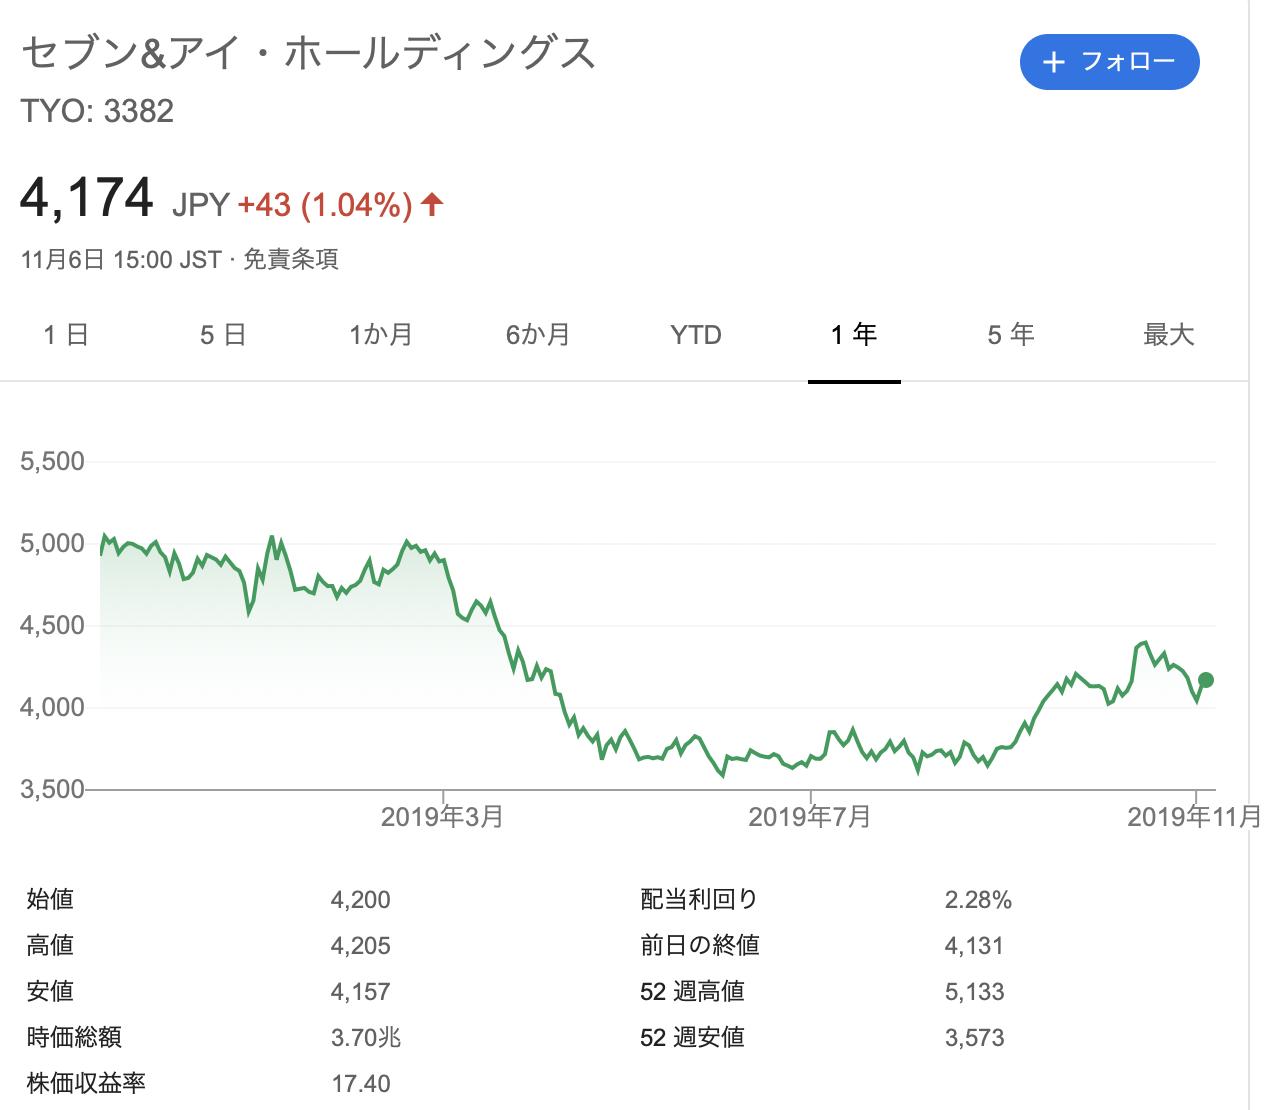 セブン&アイ・ホールディングス 株価